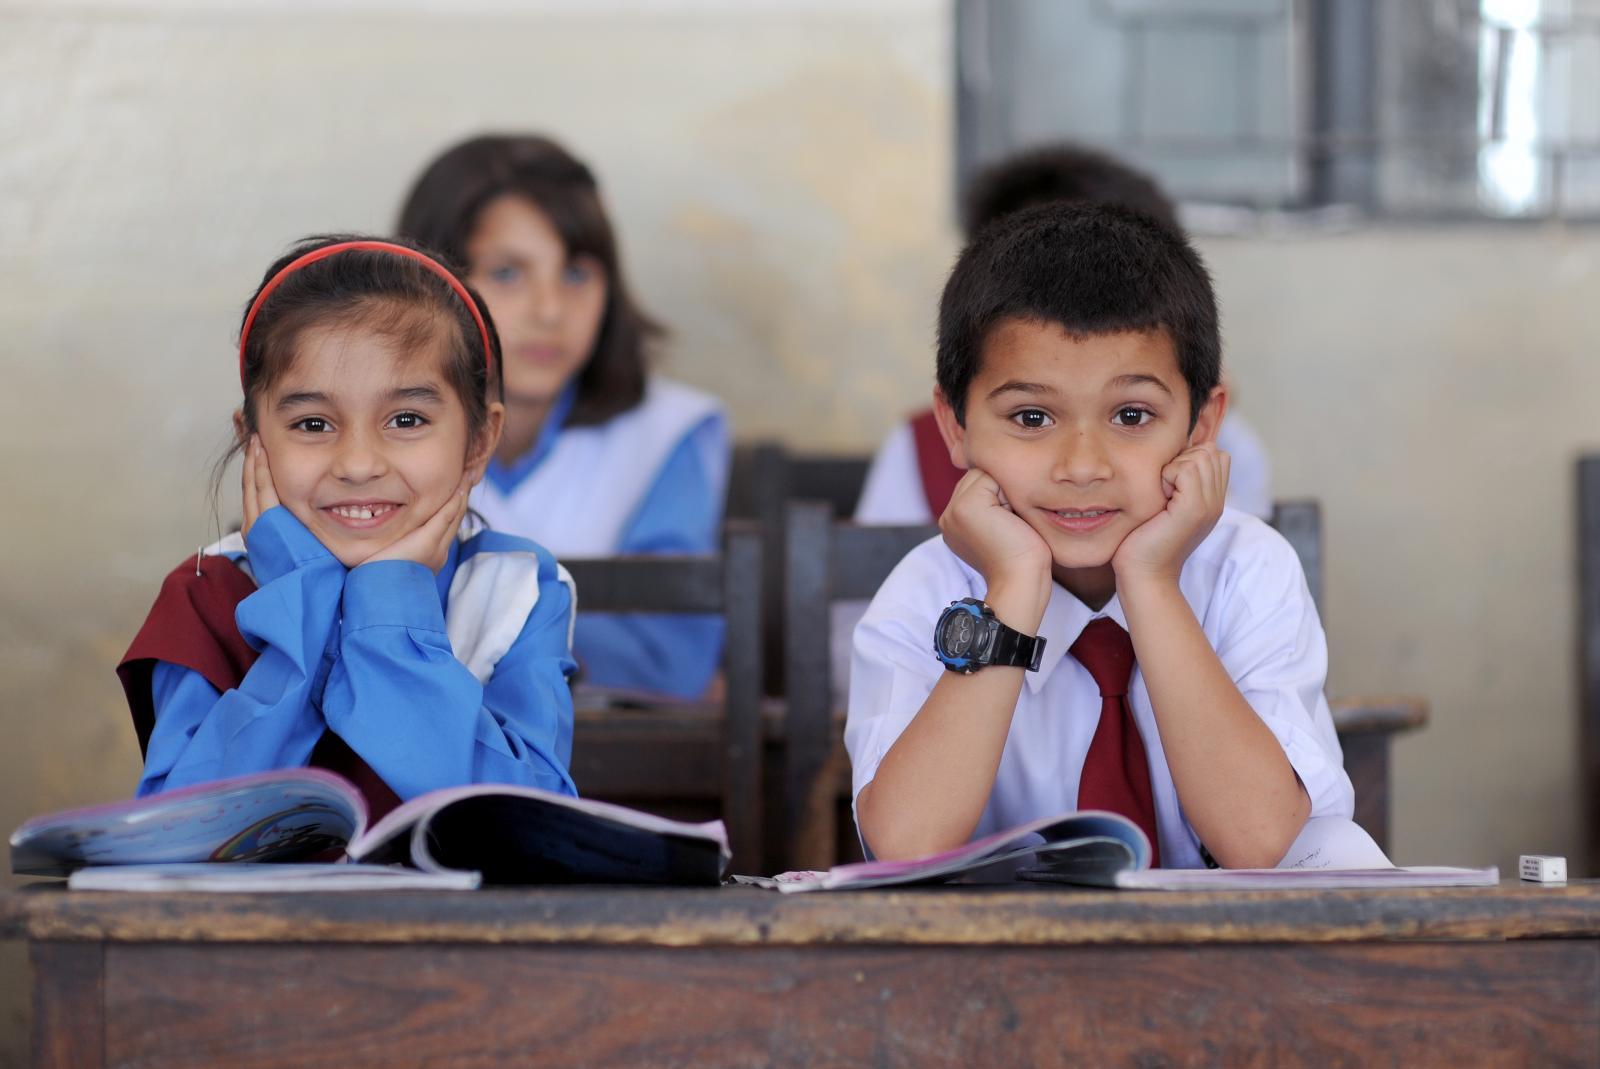 کار نشوددد/ ۱۵ واقعیت که در مدارس دنیا وجود دارد